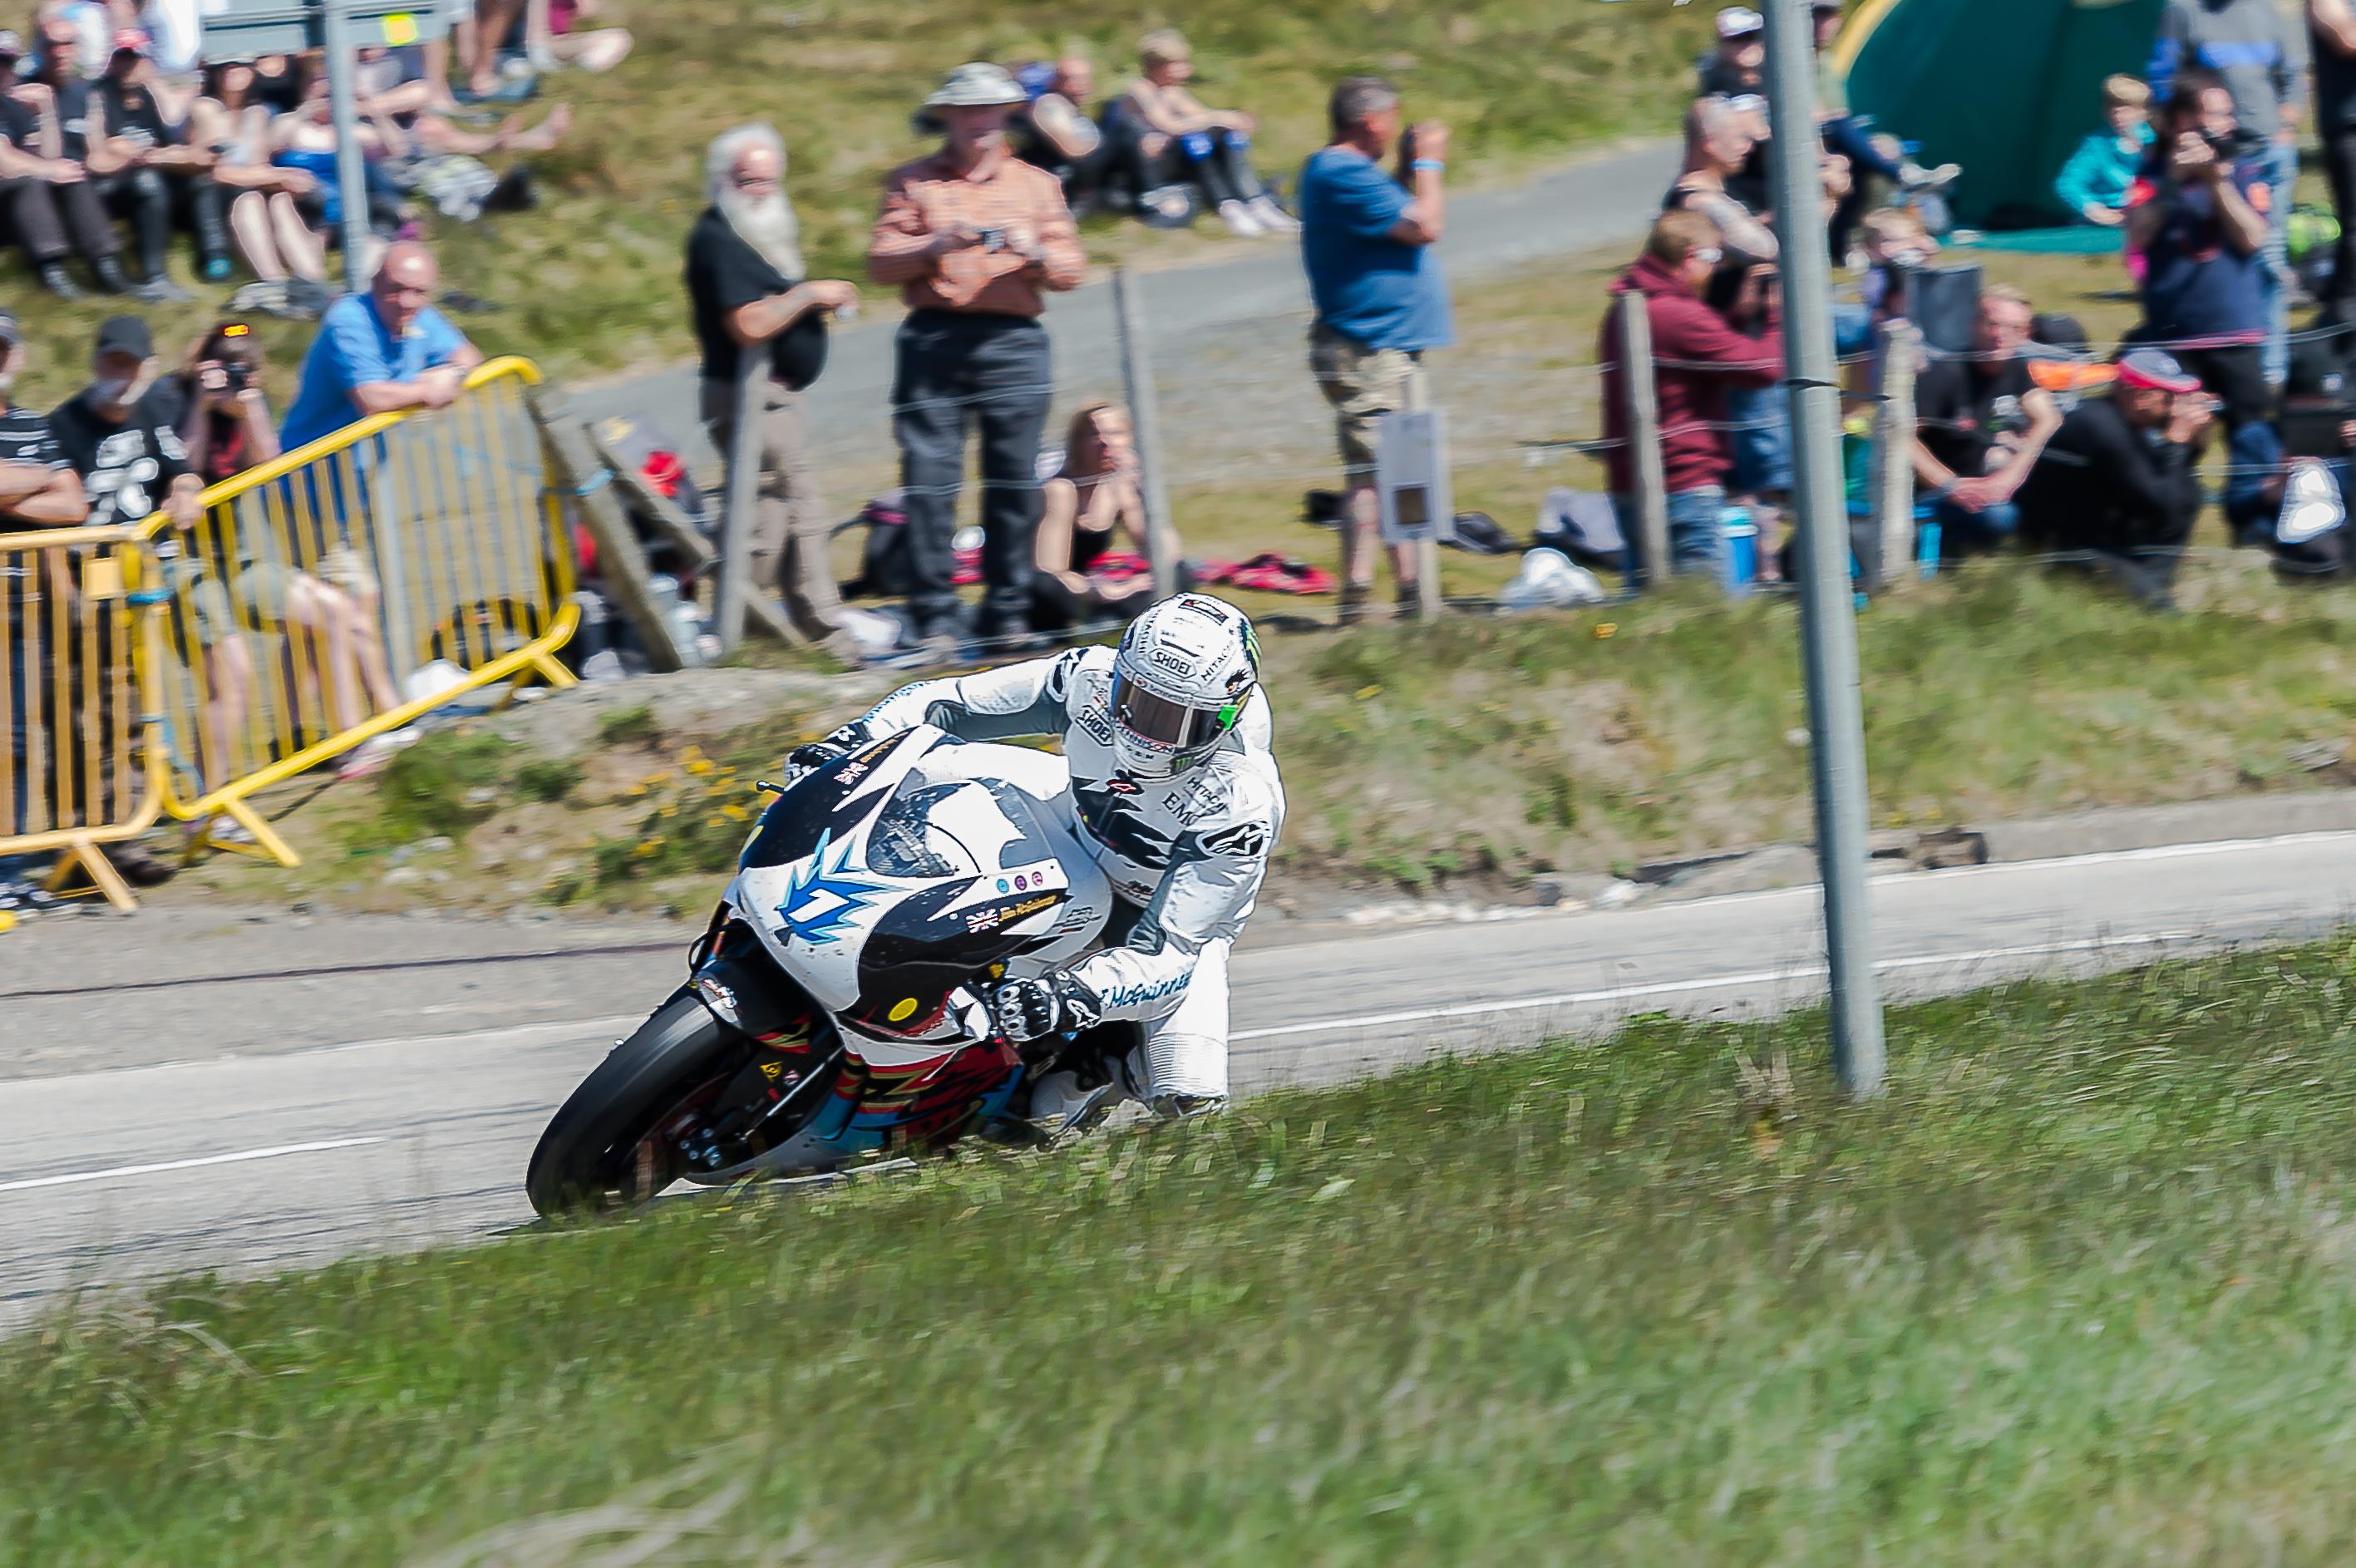 McGuinness wins 22nd TT in TT Zero race